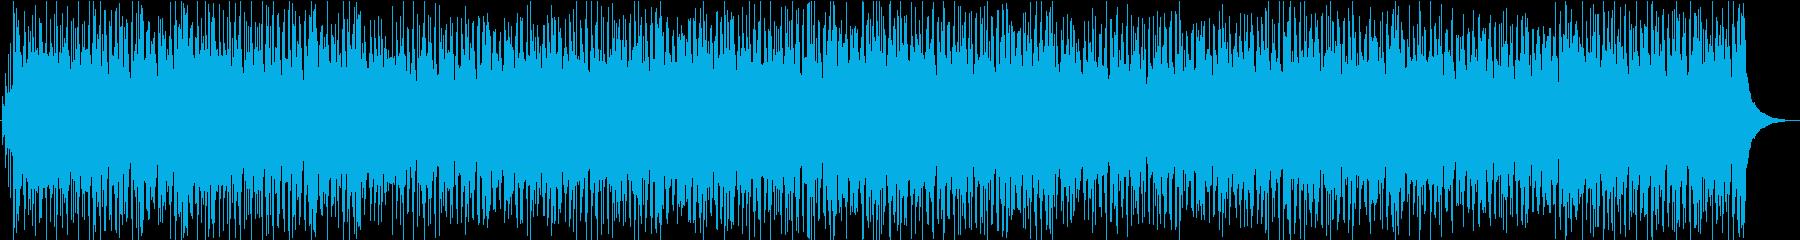 和風×ボサノバ!和風オシャレBGMの再生済みの波形